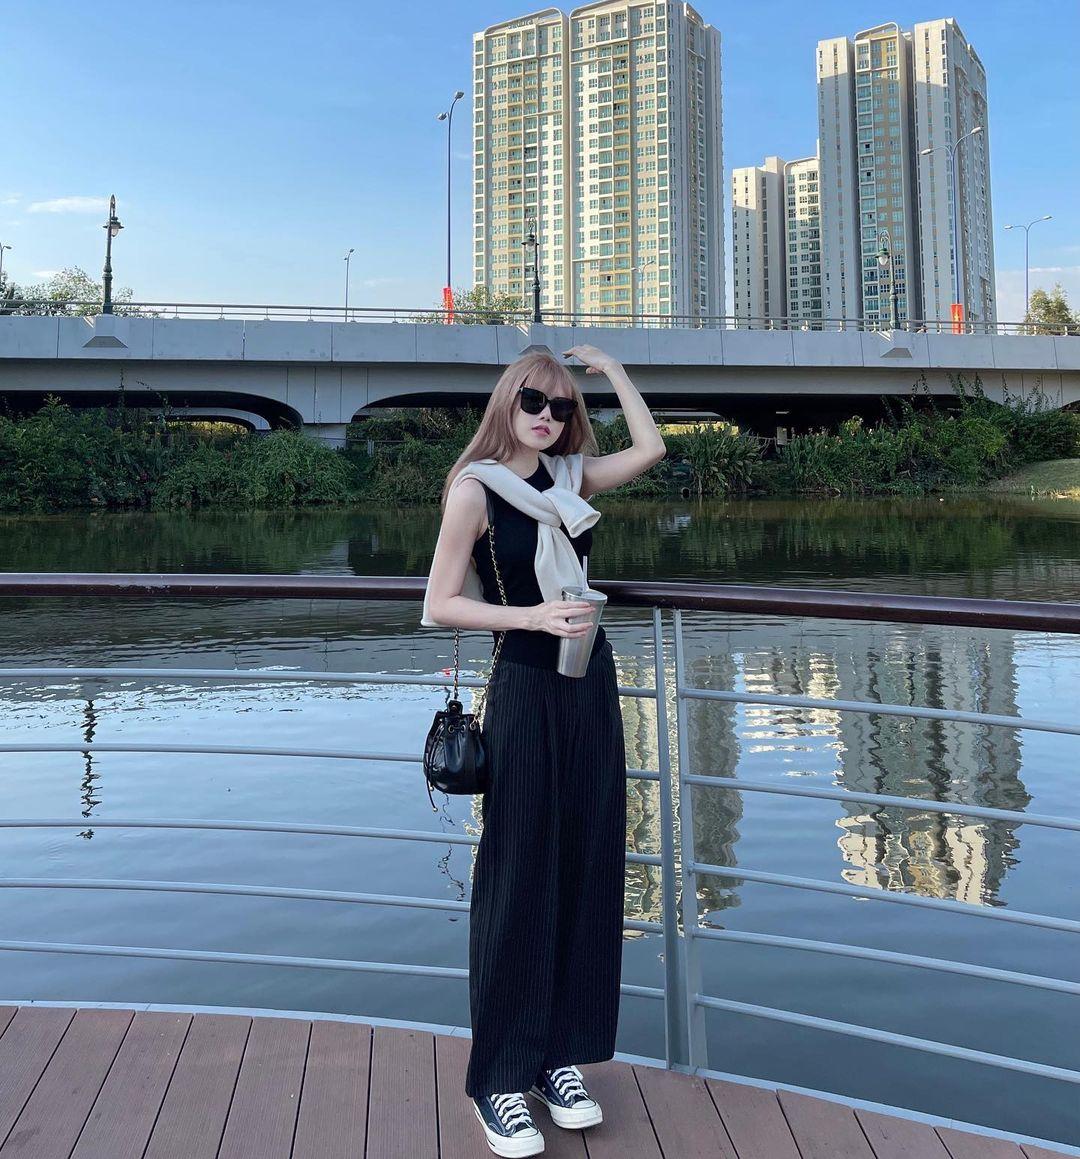 Sao Việt có loạt cách diện áo hai dây đẹp từ đi biển đến dạo phố mà trông chẳng phô phang - Ảnh 5